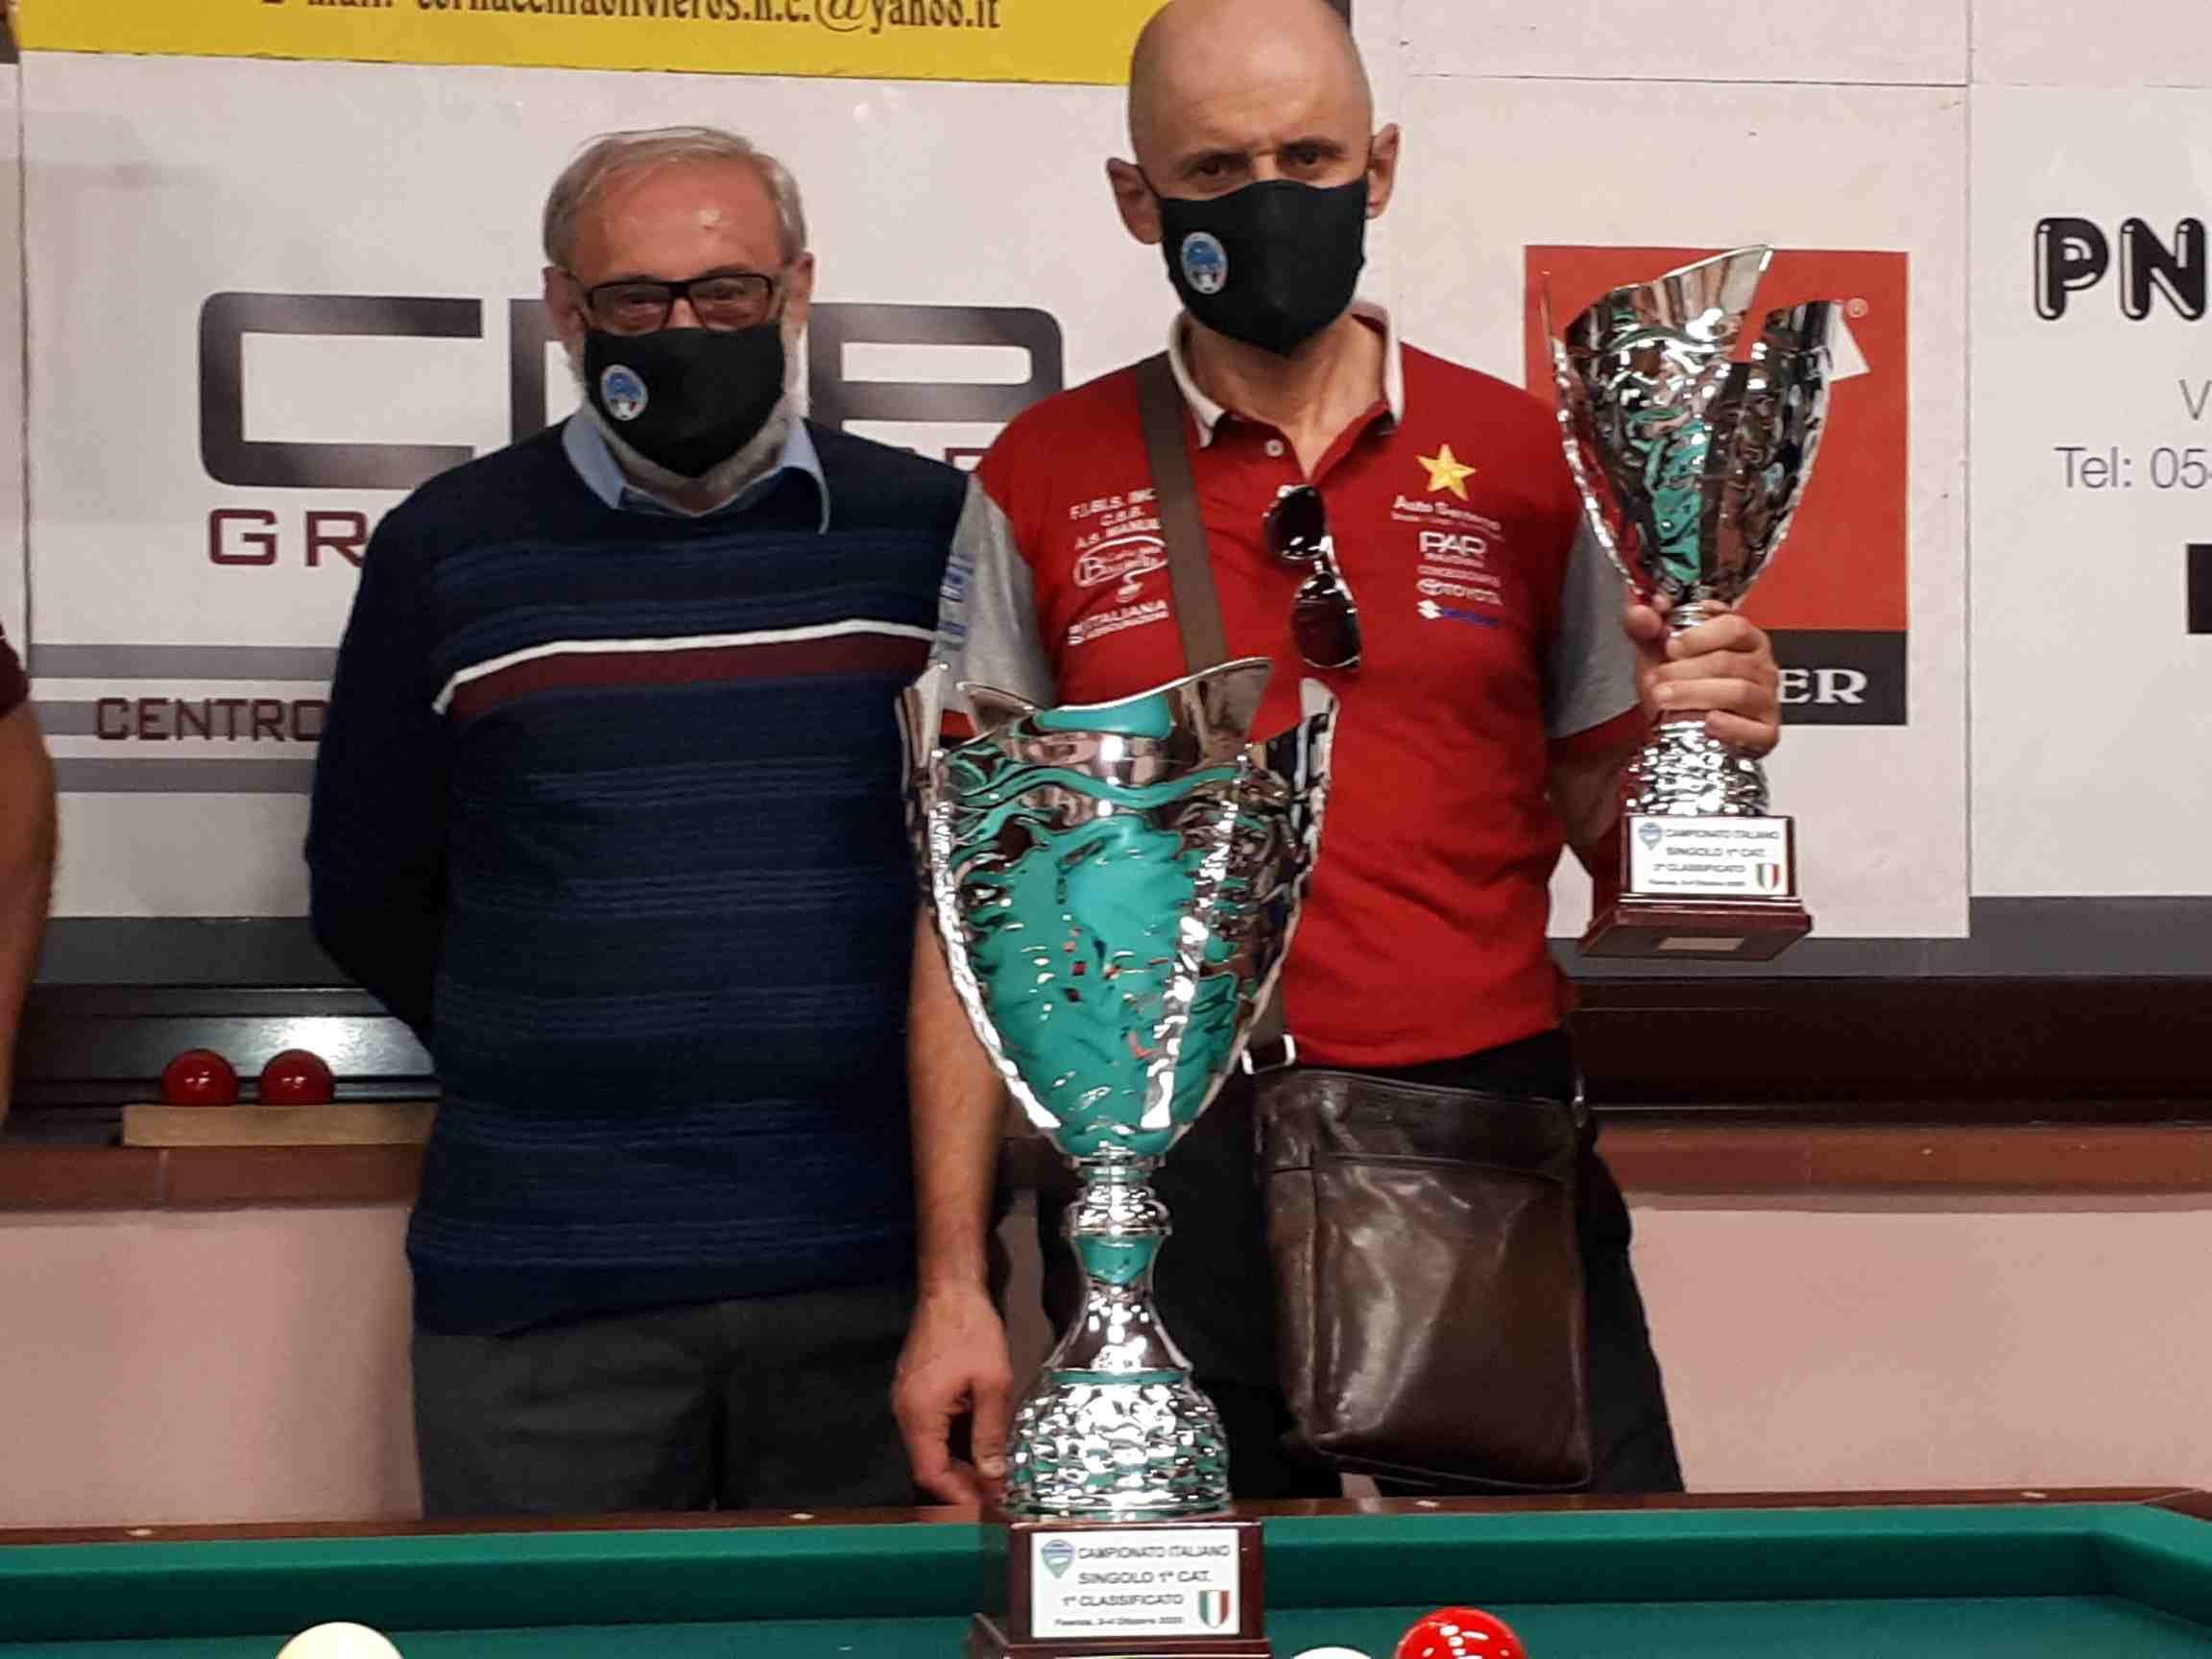 Carlo Sandrini (2° class.) premiato da Mario